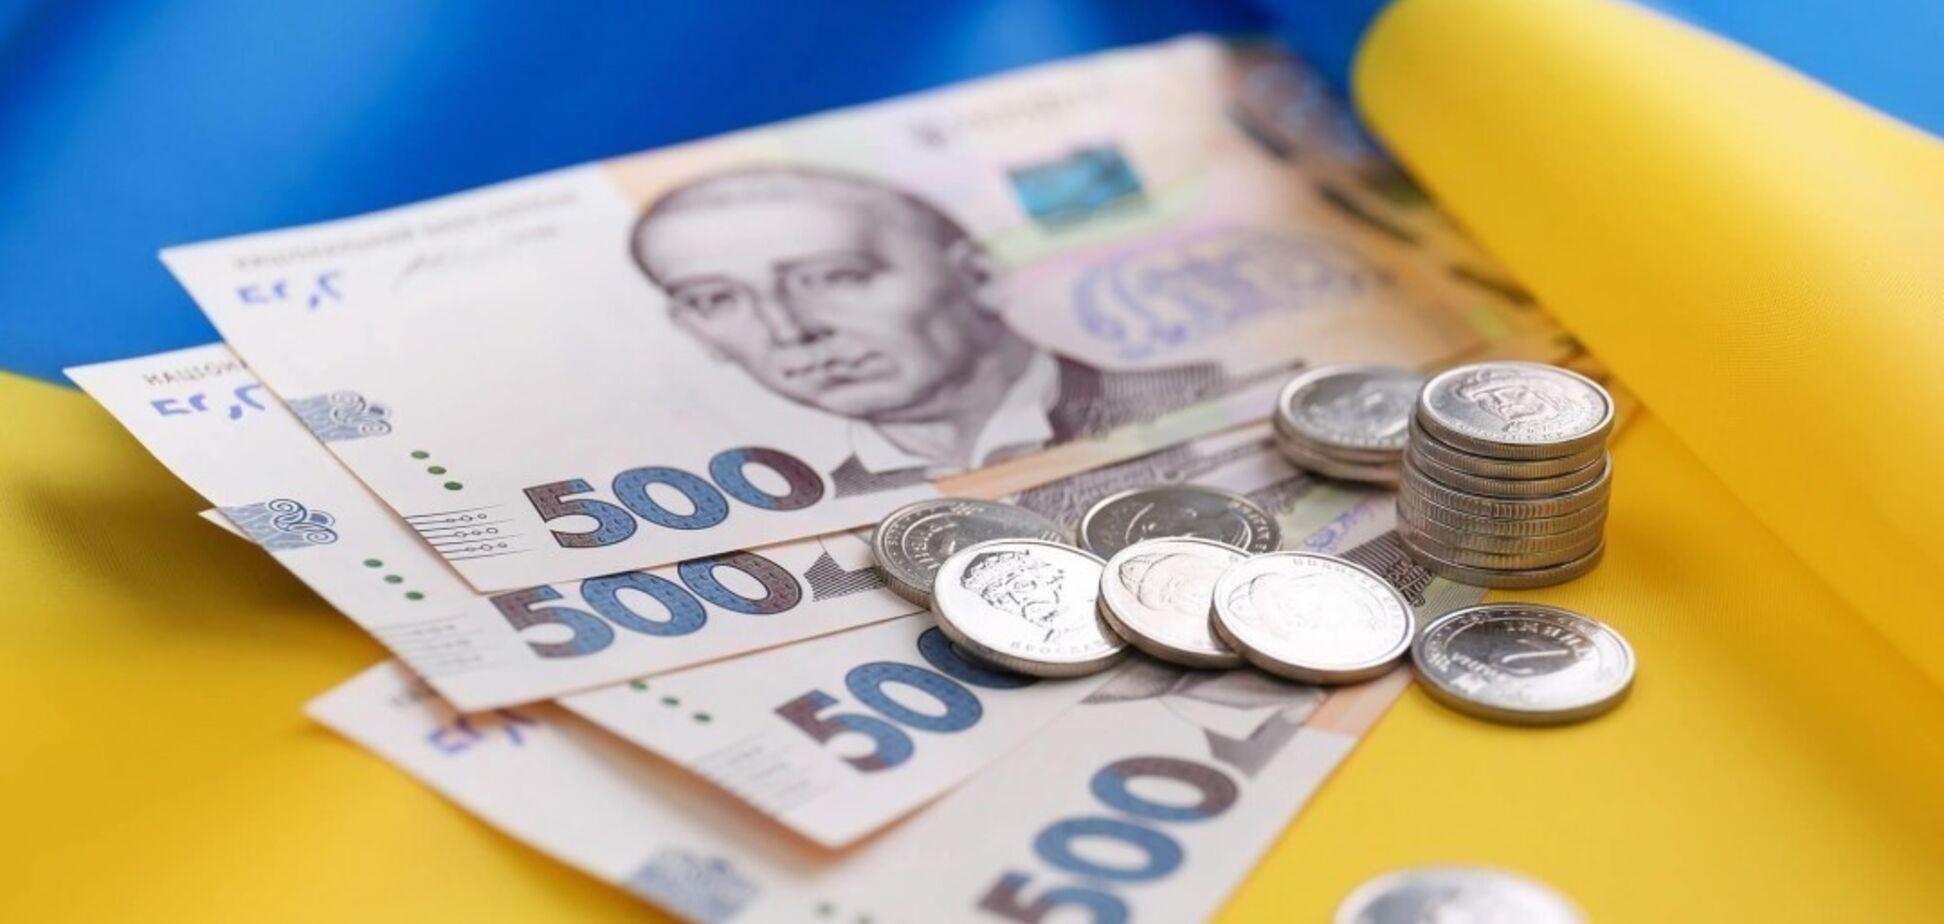 Где в Украине самая высокая средняя зарплата: экономист проанализировал регионы и сферы деятельности